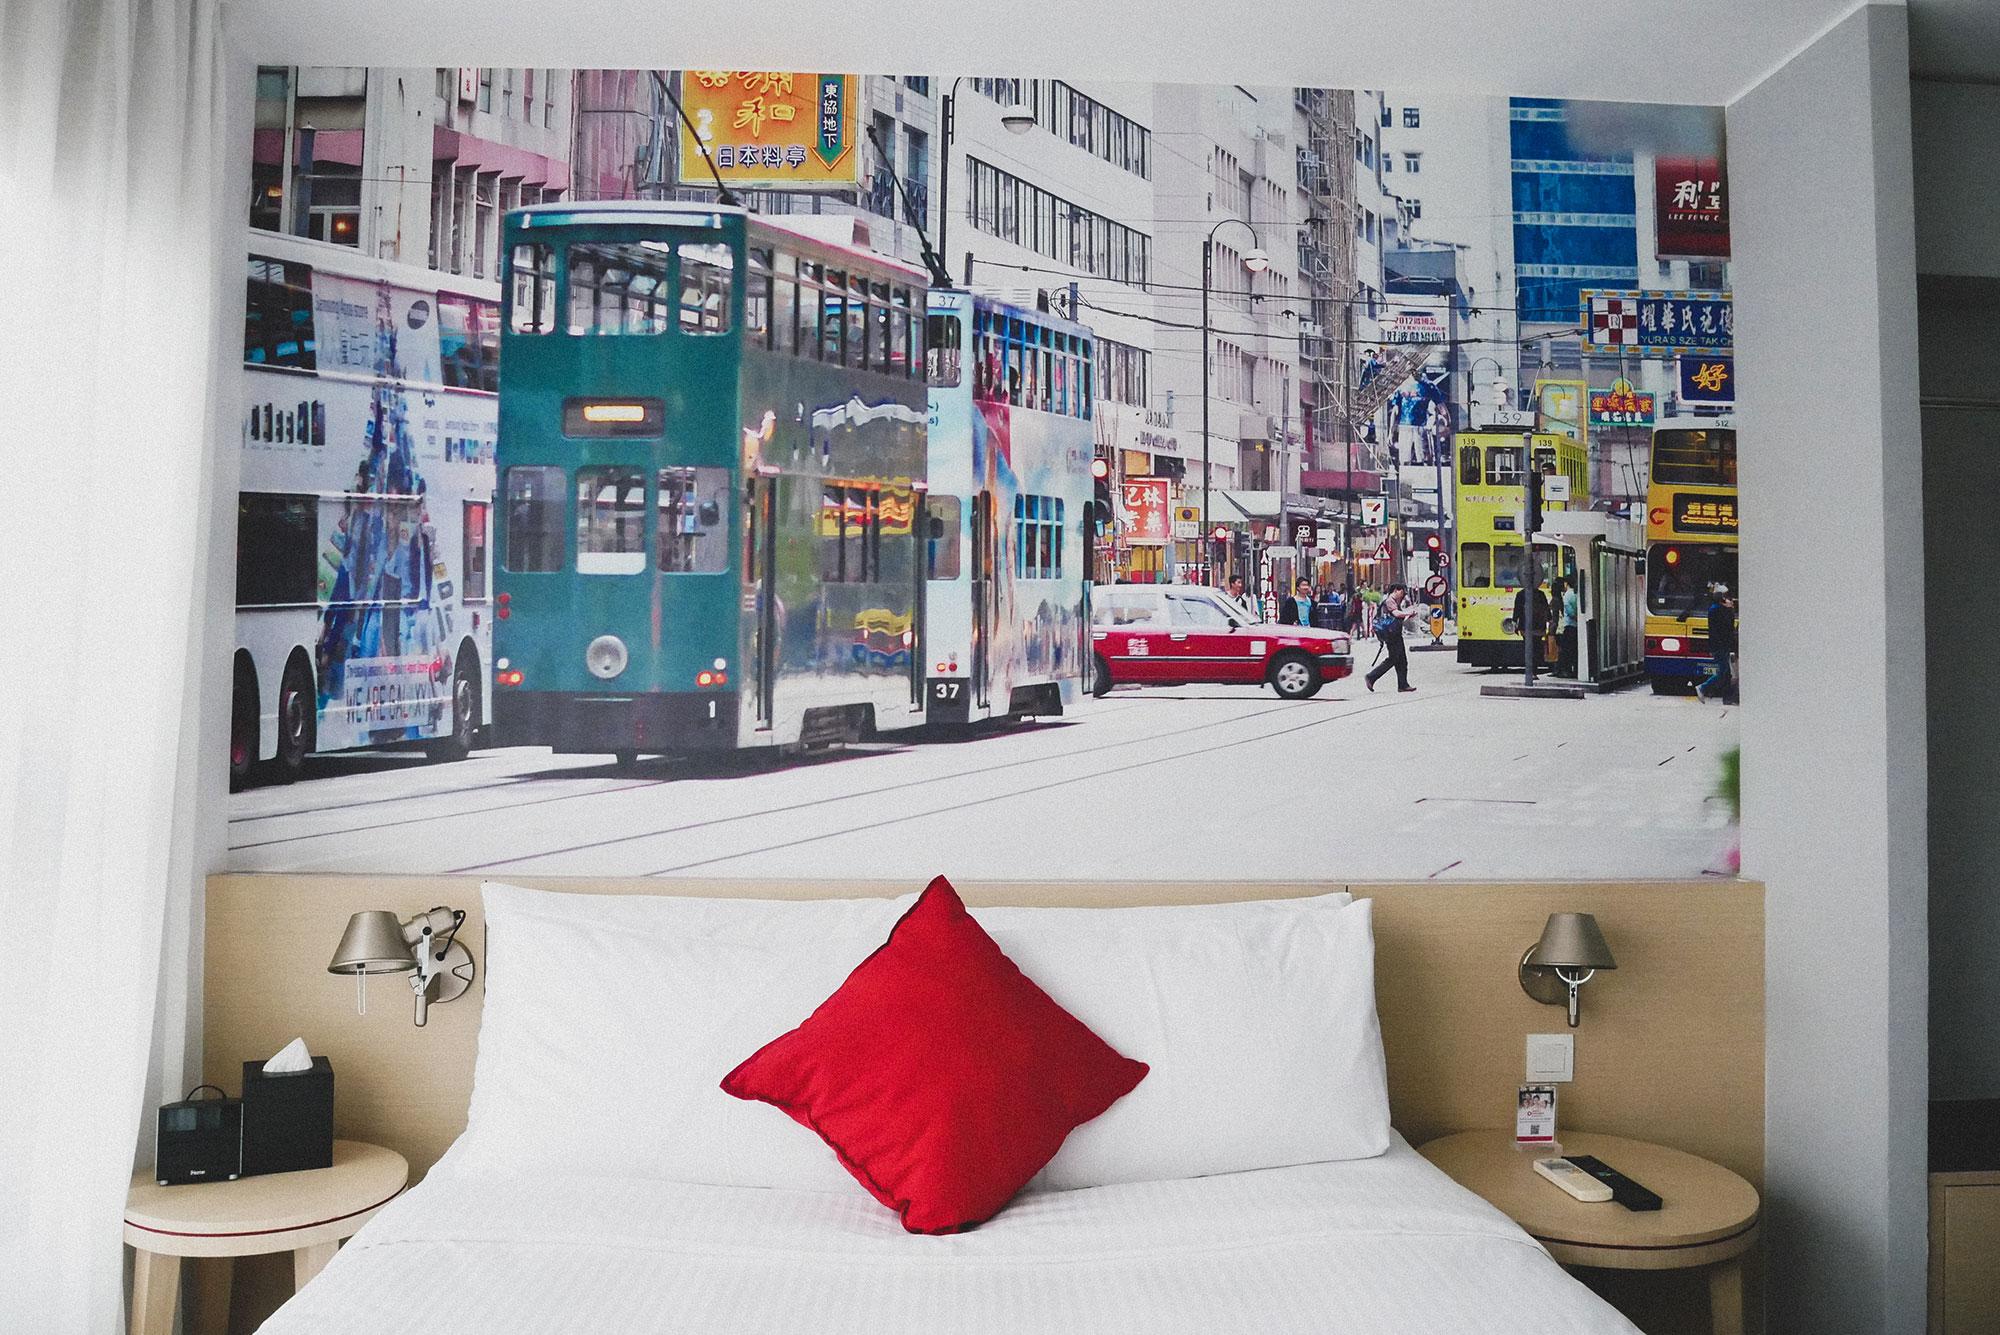 中環荷李活道彩鴻酒店,中环荷李活道彩鸿酒店,Travelodge Central Hollywood Road